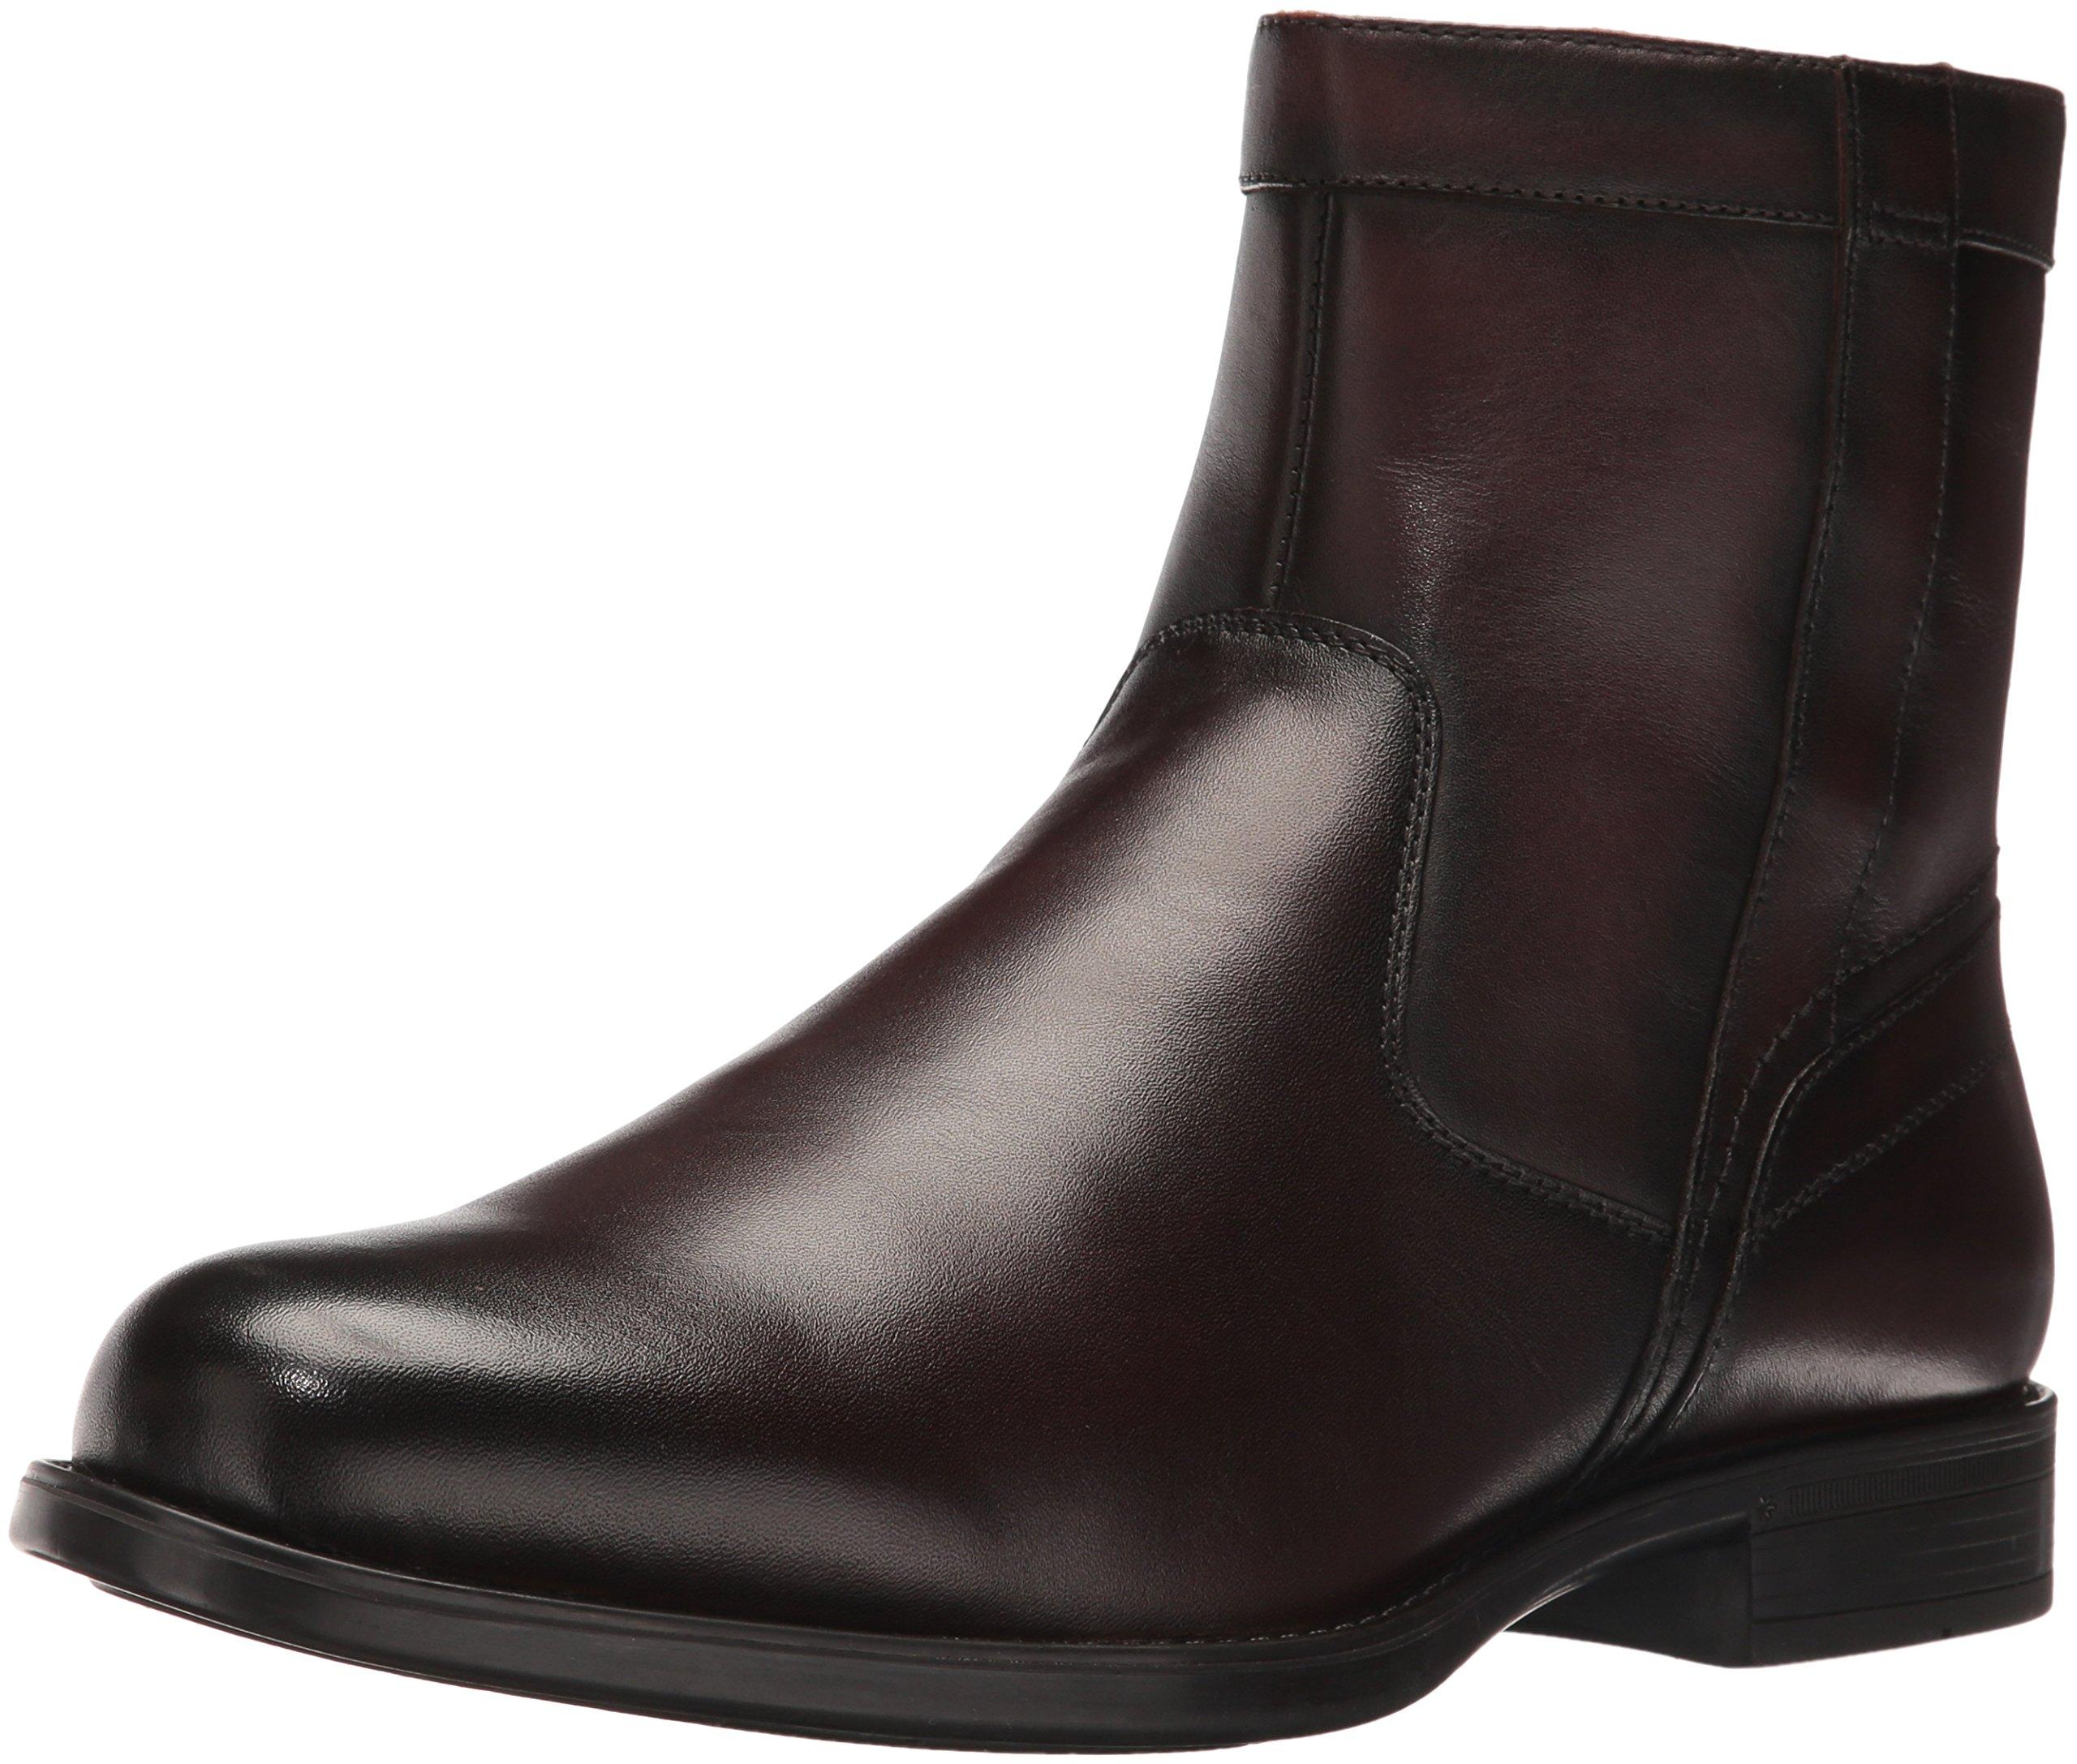 Florsheim Men's Medfield Plain Toe Zip Chelsea Boot, Brown, 10.5 D US